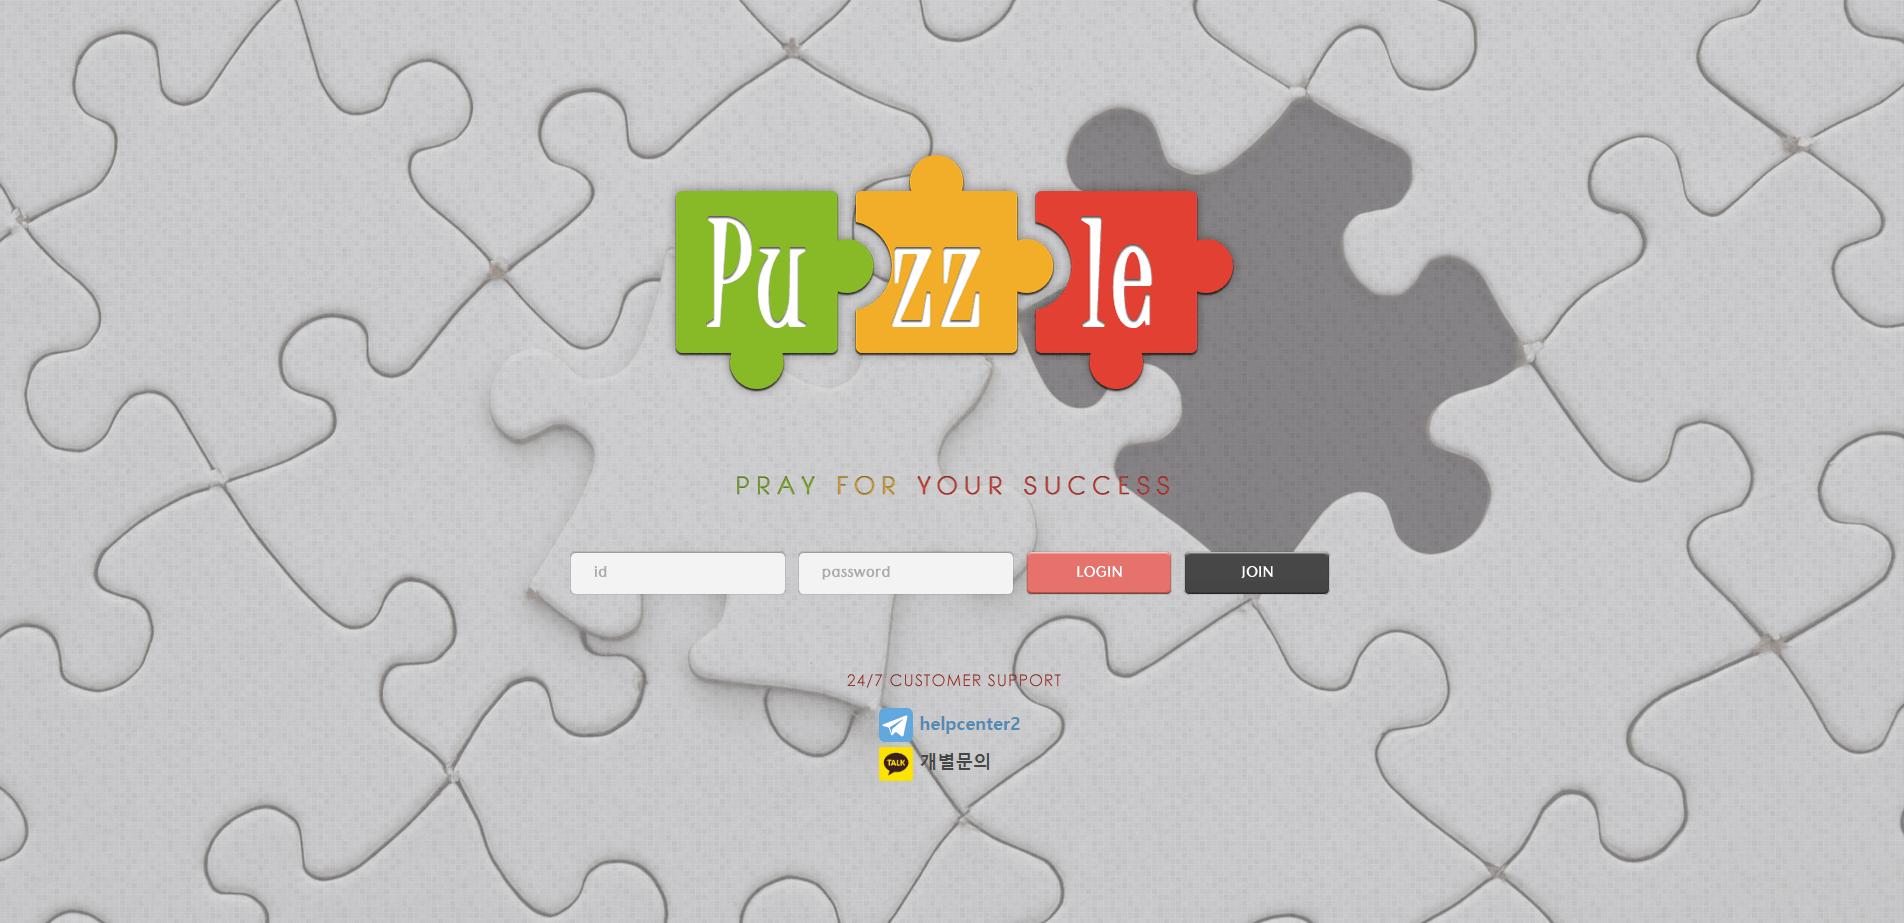 [먹튀사이트]퍼즐먹튀 puzzle먹튀 pzz-77.com 먹튀검증 토토먹튀 토토사이트 검증커뮤니티